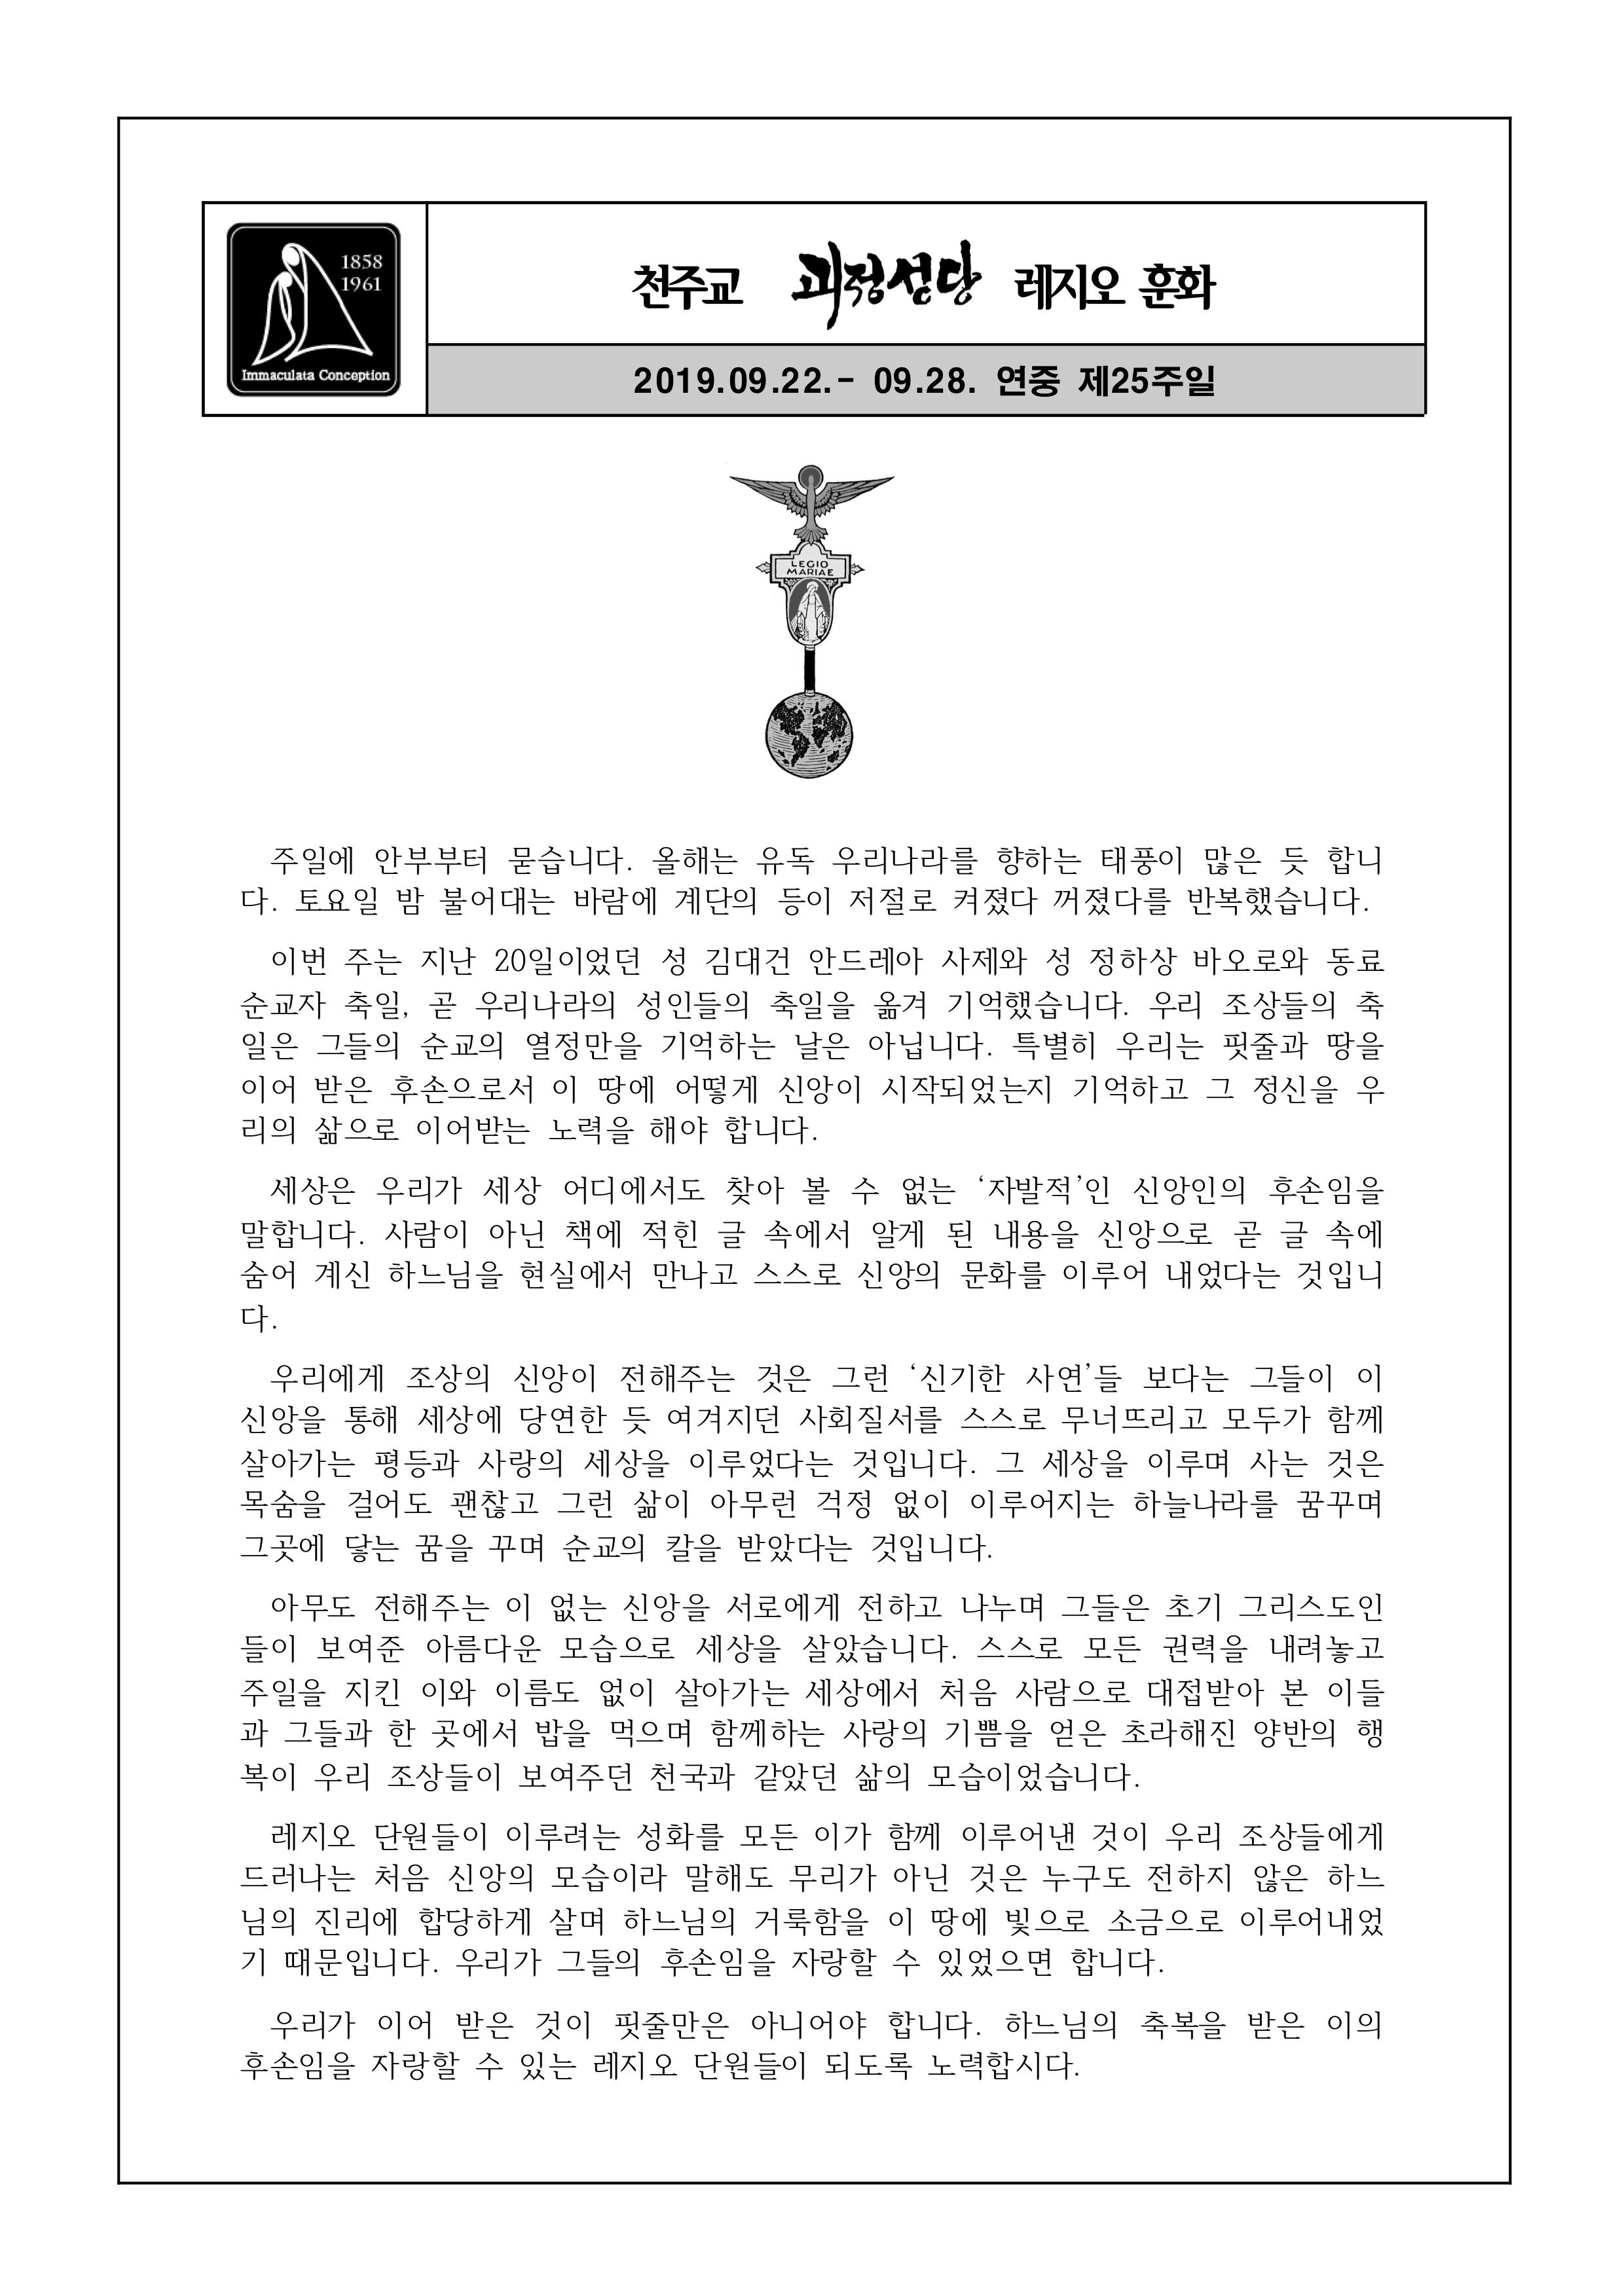 20190922 괴정성당 레지오 훈화.jpg